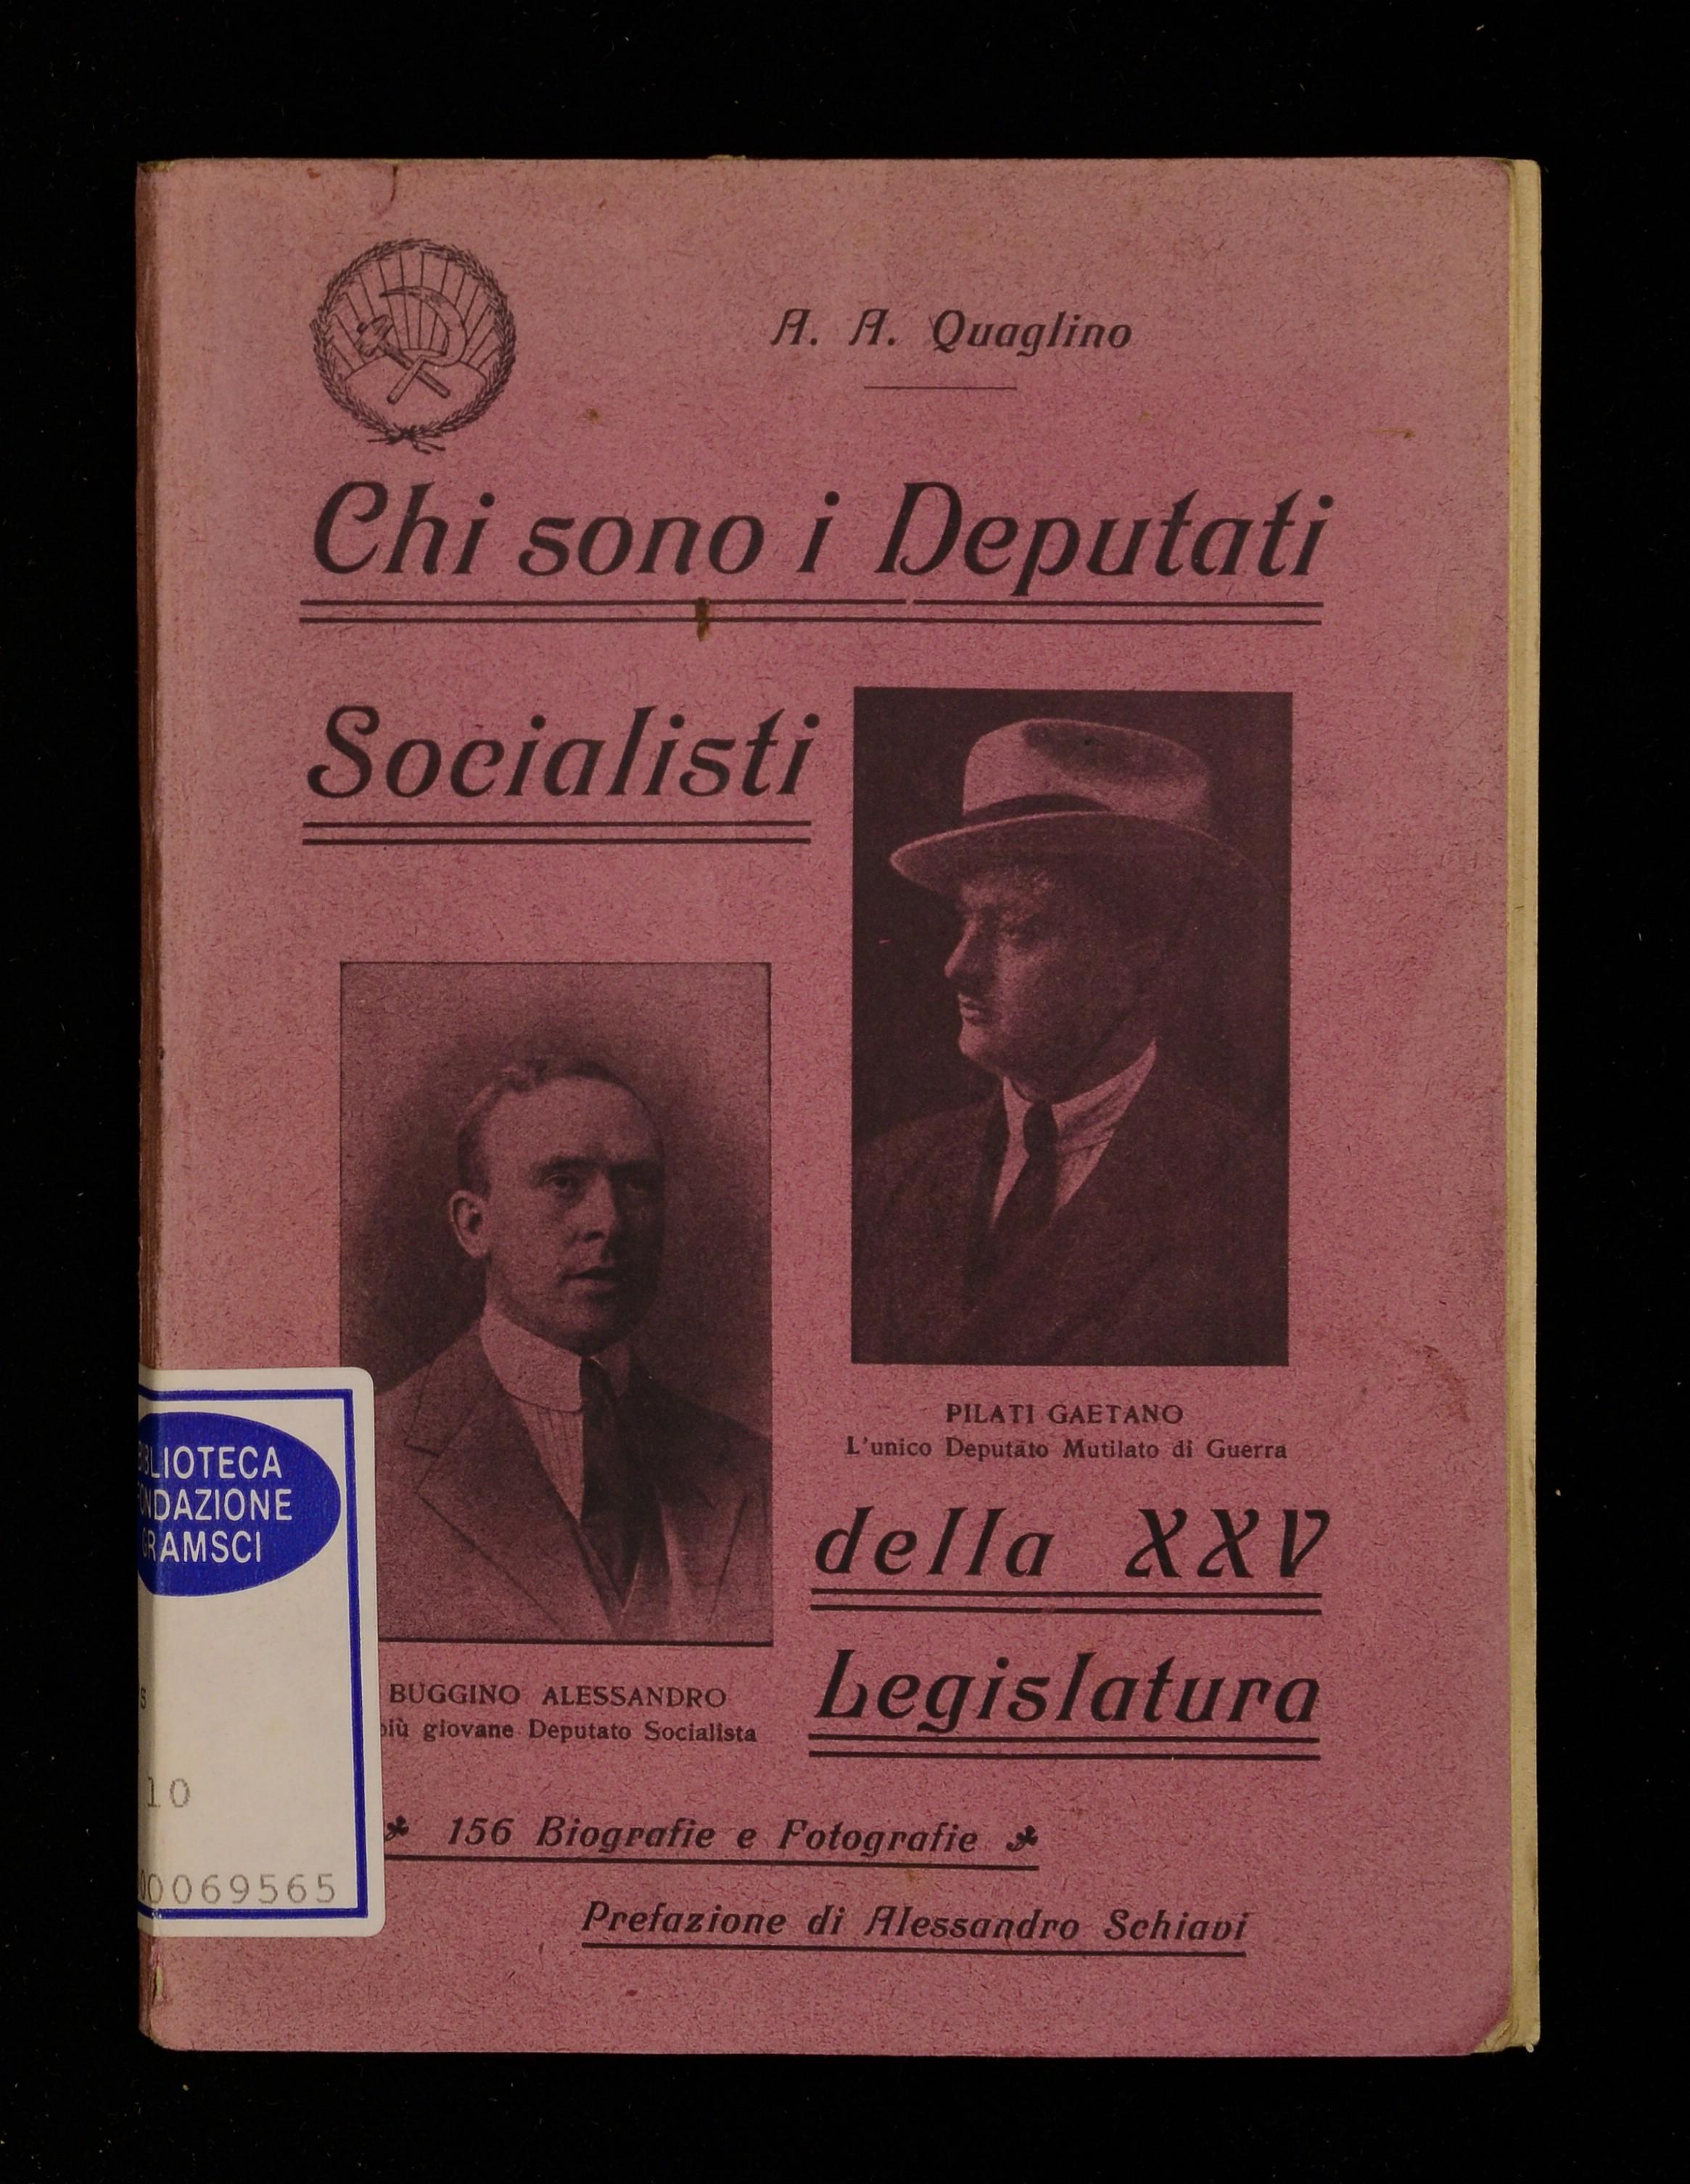 Chi sono i deputati socialisti della 25. legislatura